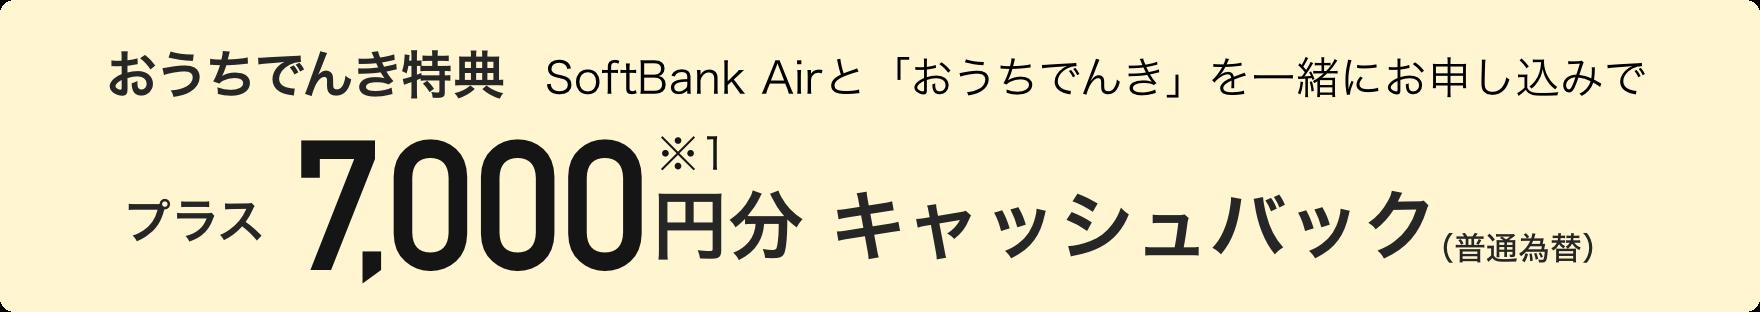 おうちでんき特典 SoftBank Airと「おうちでんき」を一緒にお申し込みで プラス7,000円分※1キャッシュバック(普通為替)